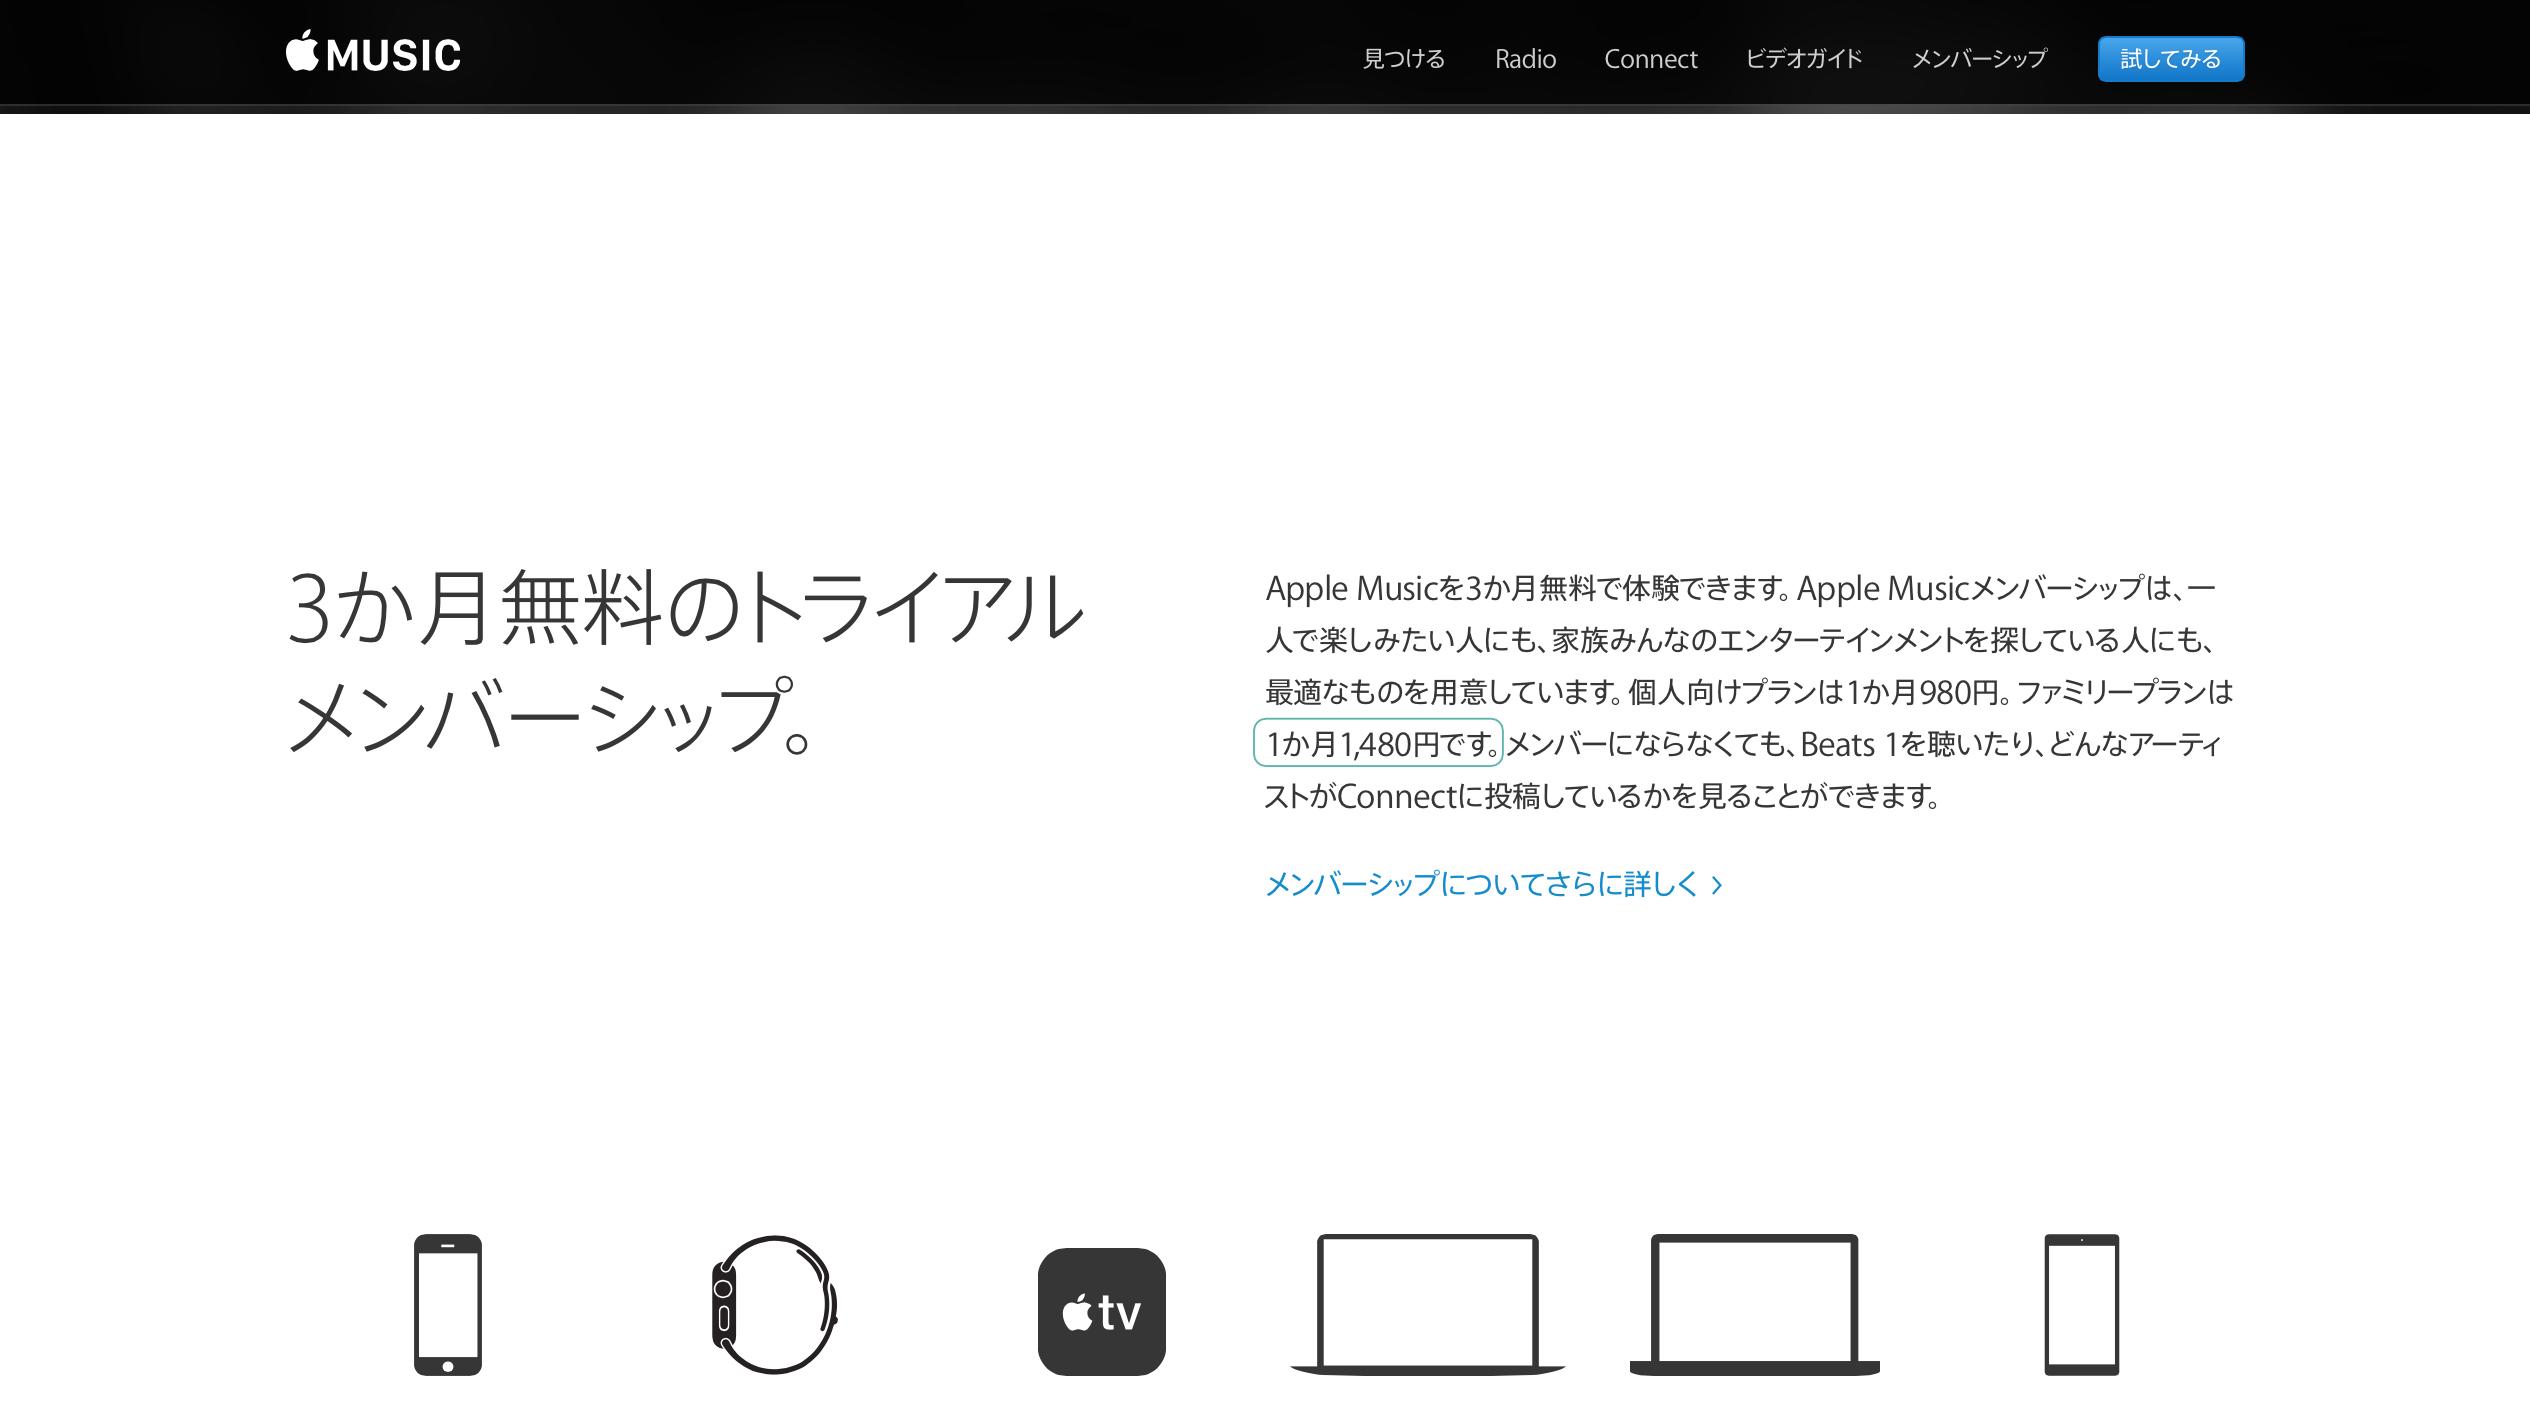 日本的 Apple Music 一個月的服務費用是 980 日圓 , 換算當前匯率約 280 元台幣。